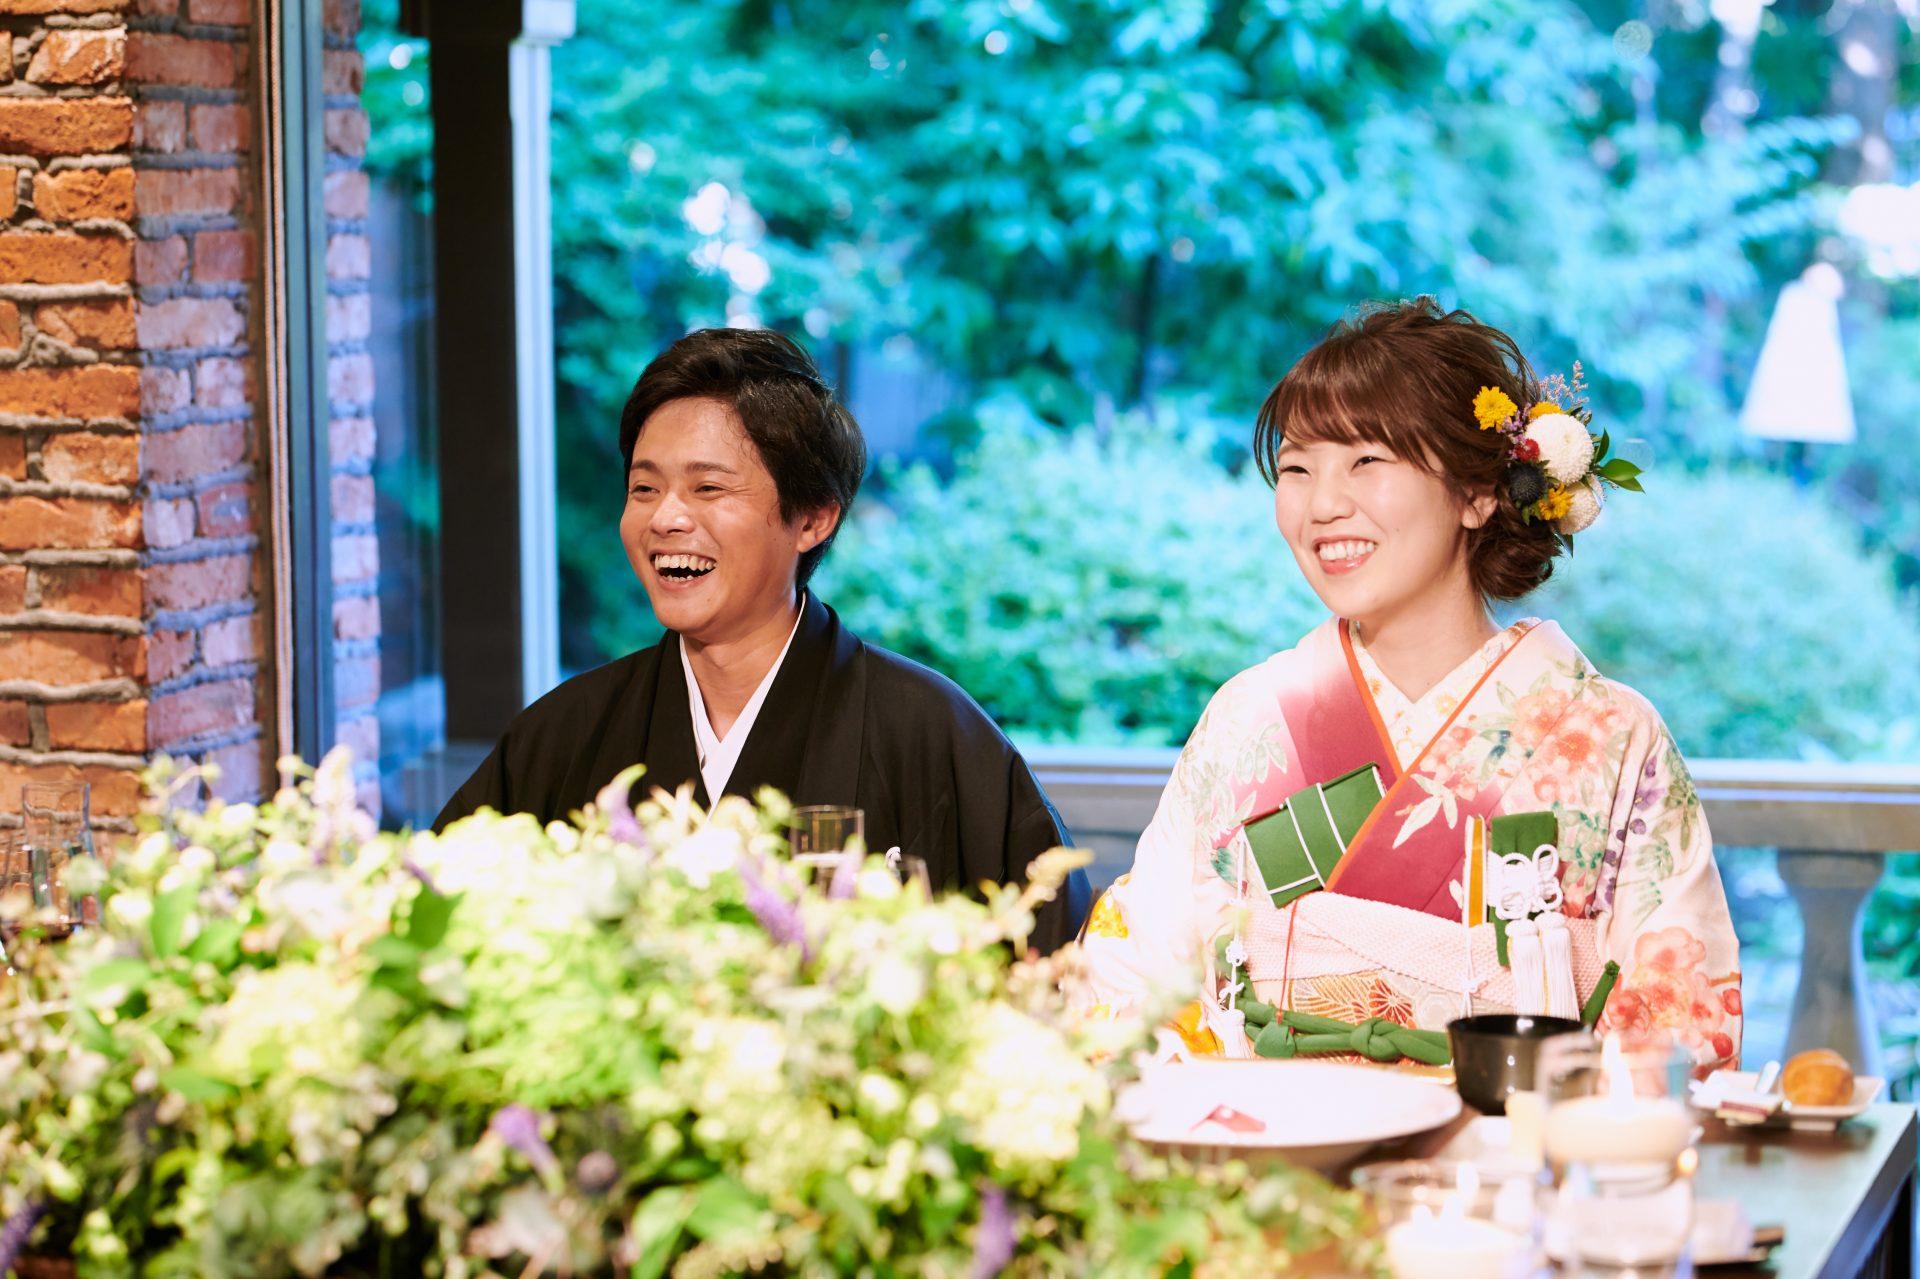 日本庭園を眺め迎える長野での結婚式。善光寺でのフォトウェディング、撮影でも映える和装を取り揃えています。